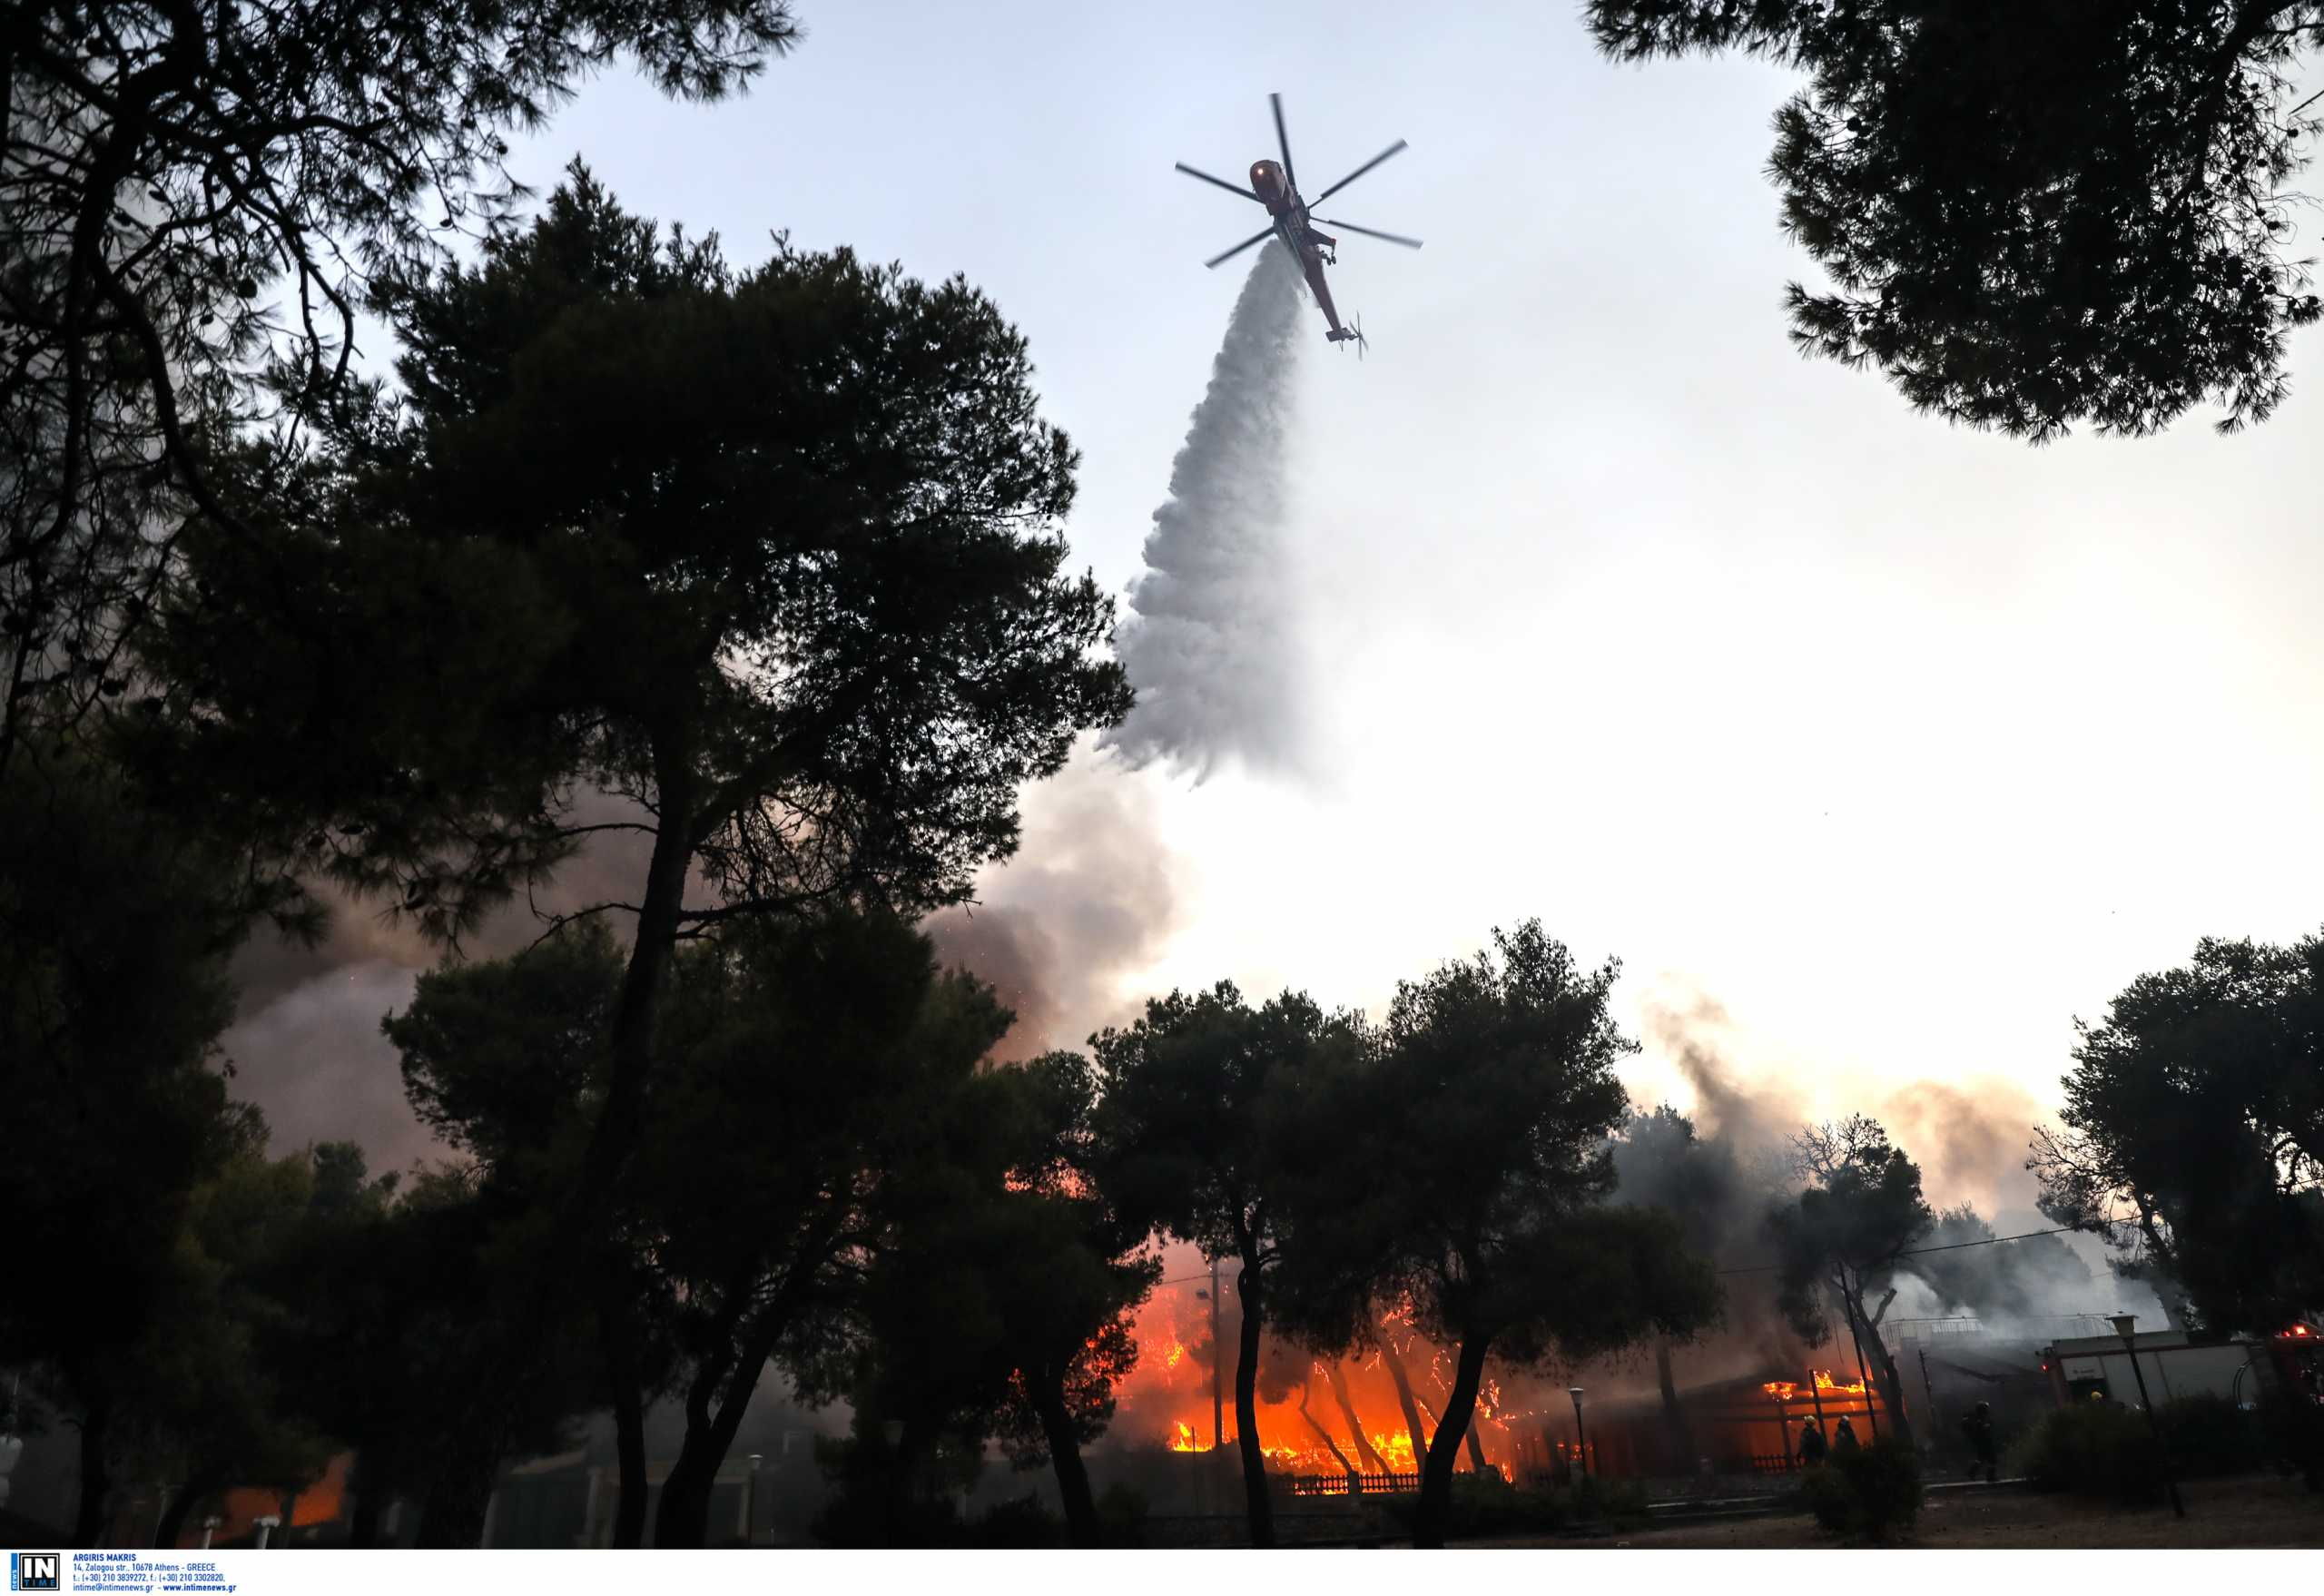 Φωτιές – Πυροσβεστική: 45 πύρινα μέτωπα το τελευταίο 24ωρο σε δασικές εκτάσεις